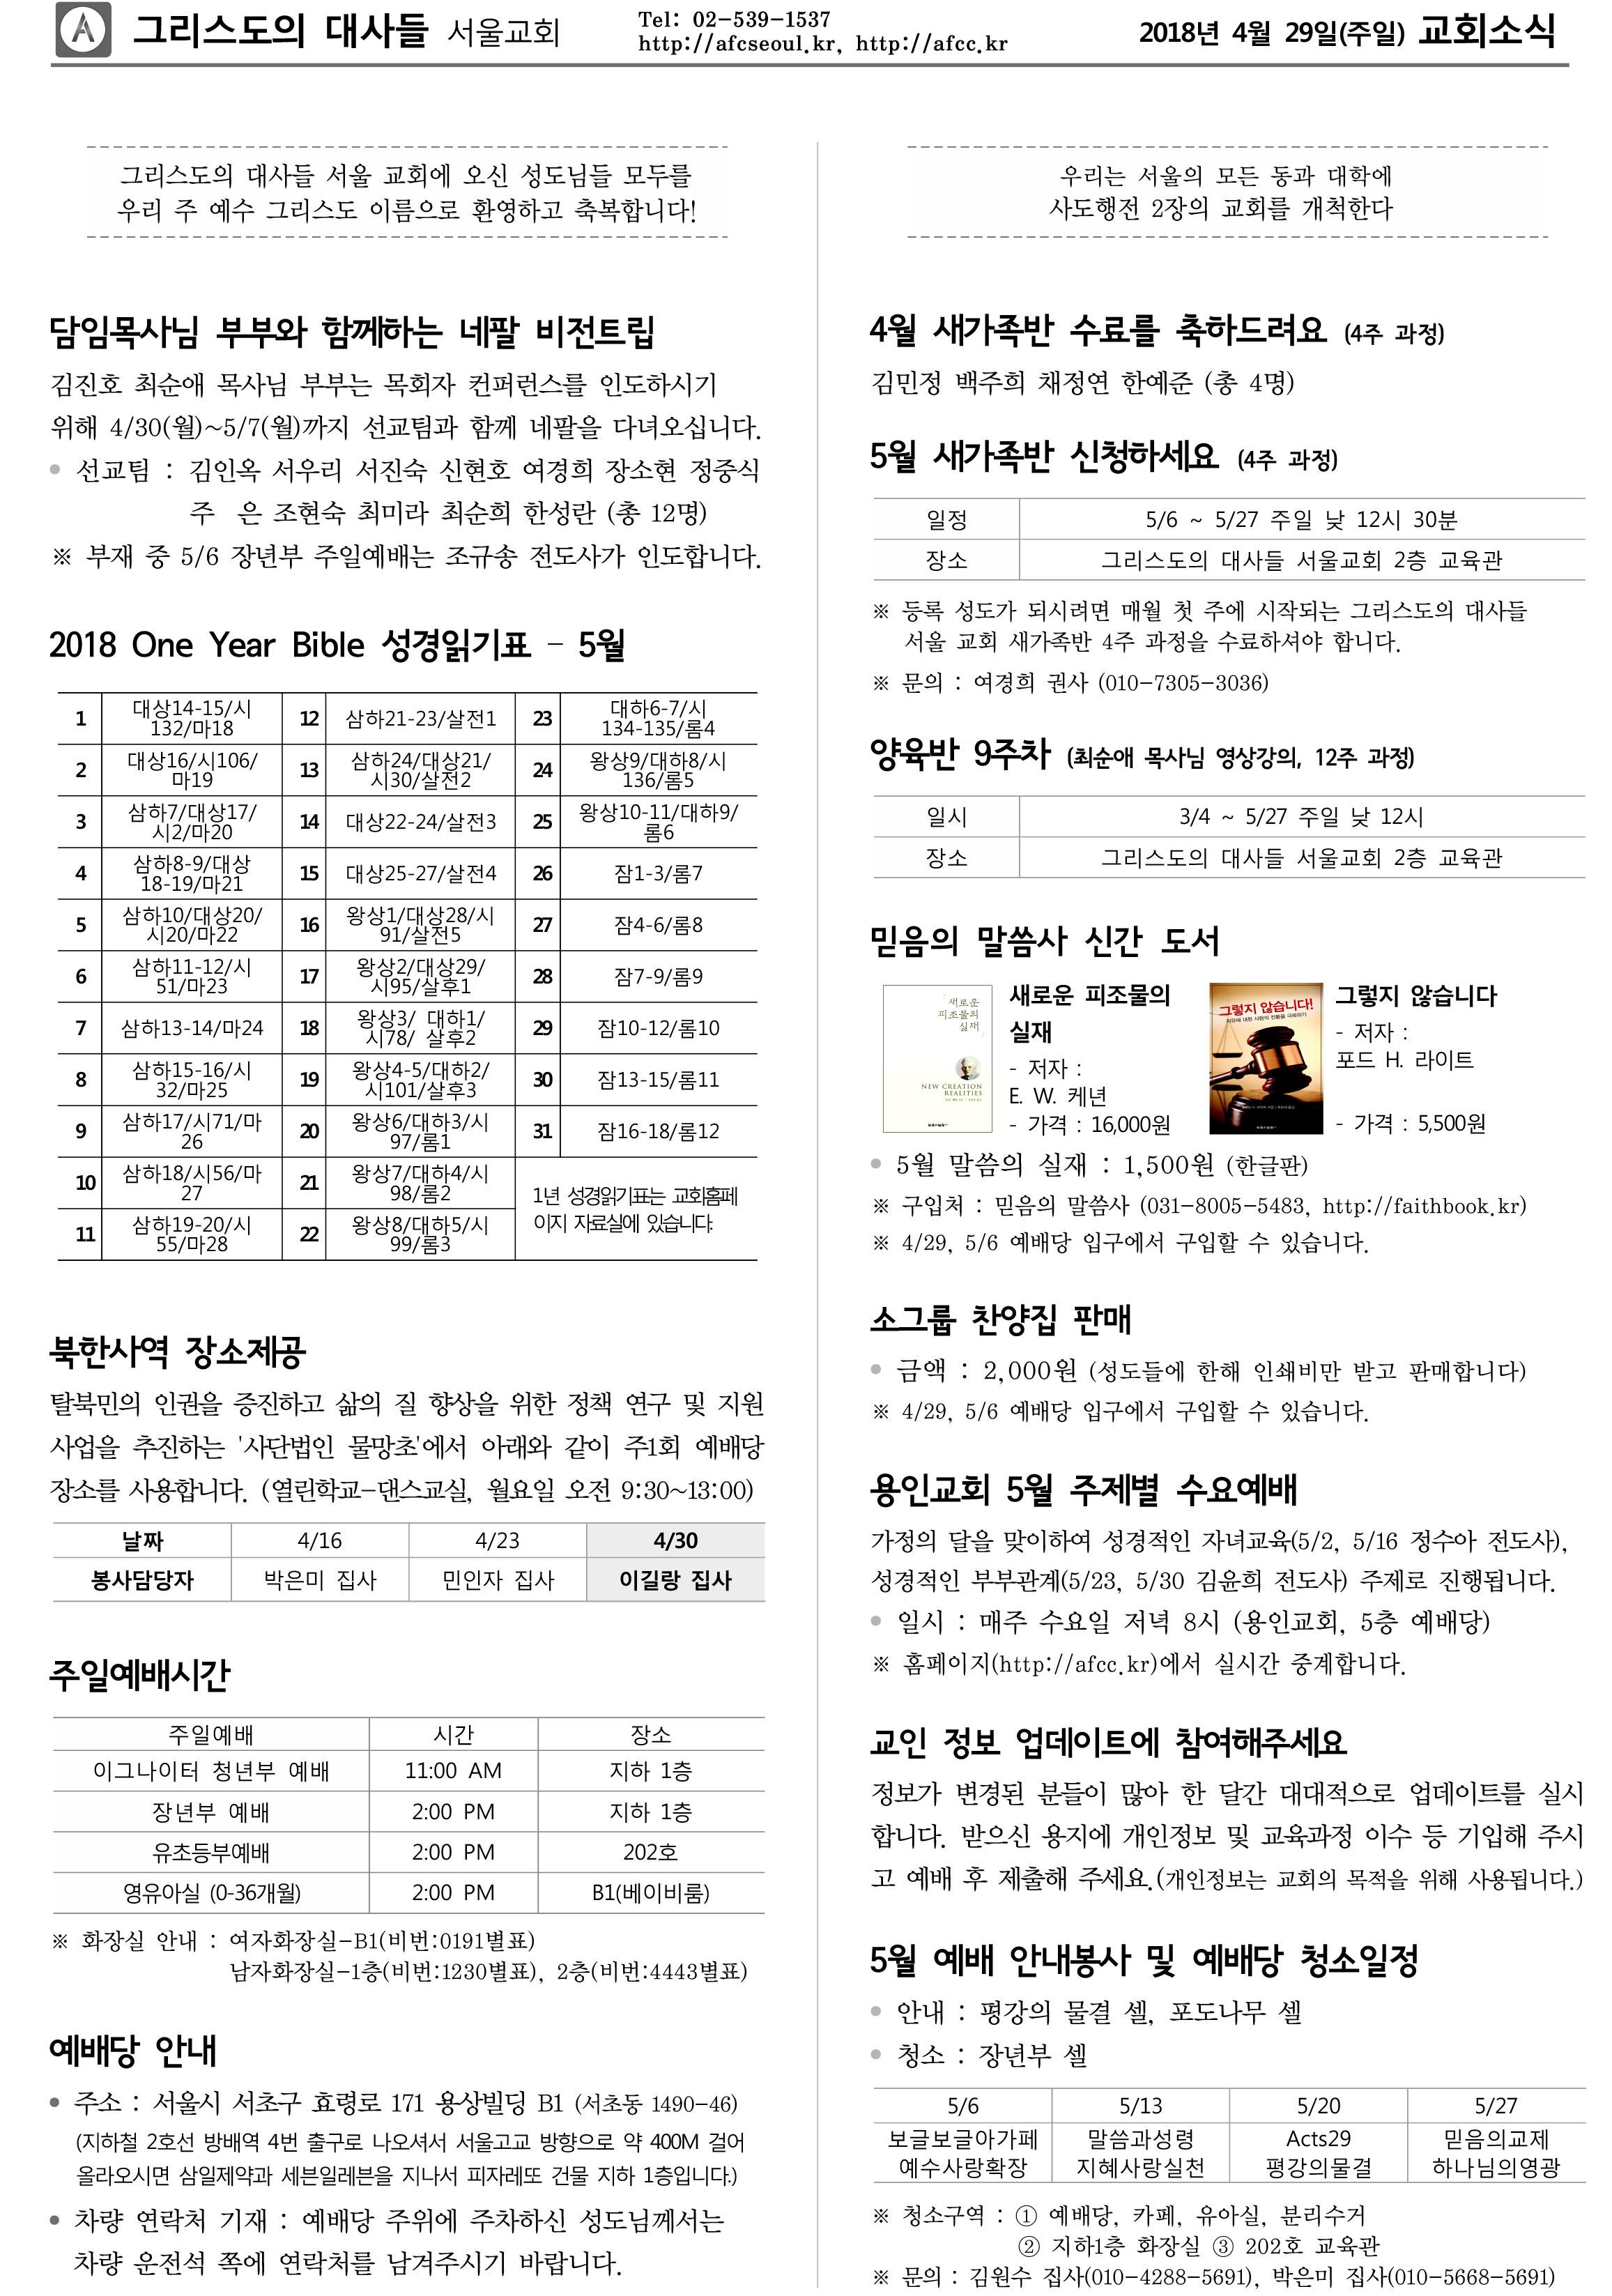 20180429-seoul